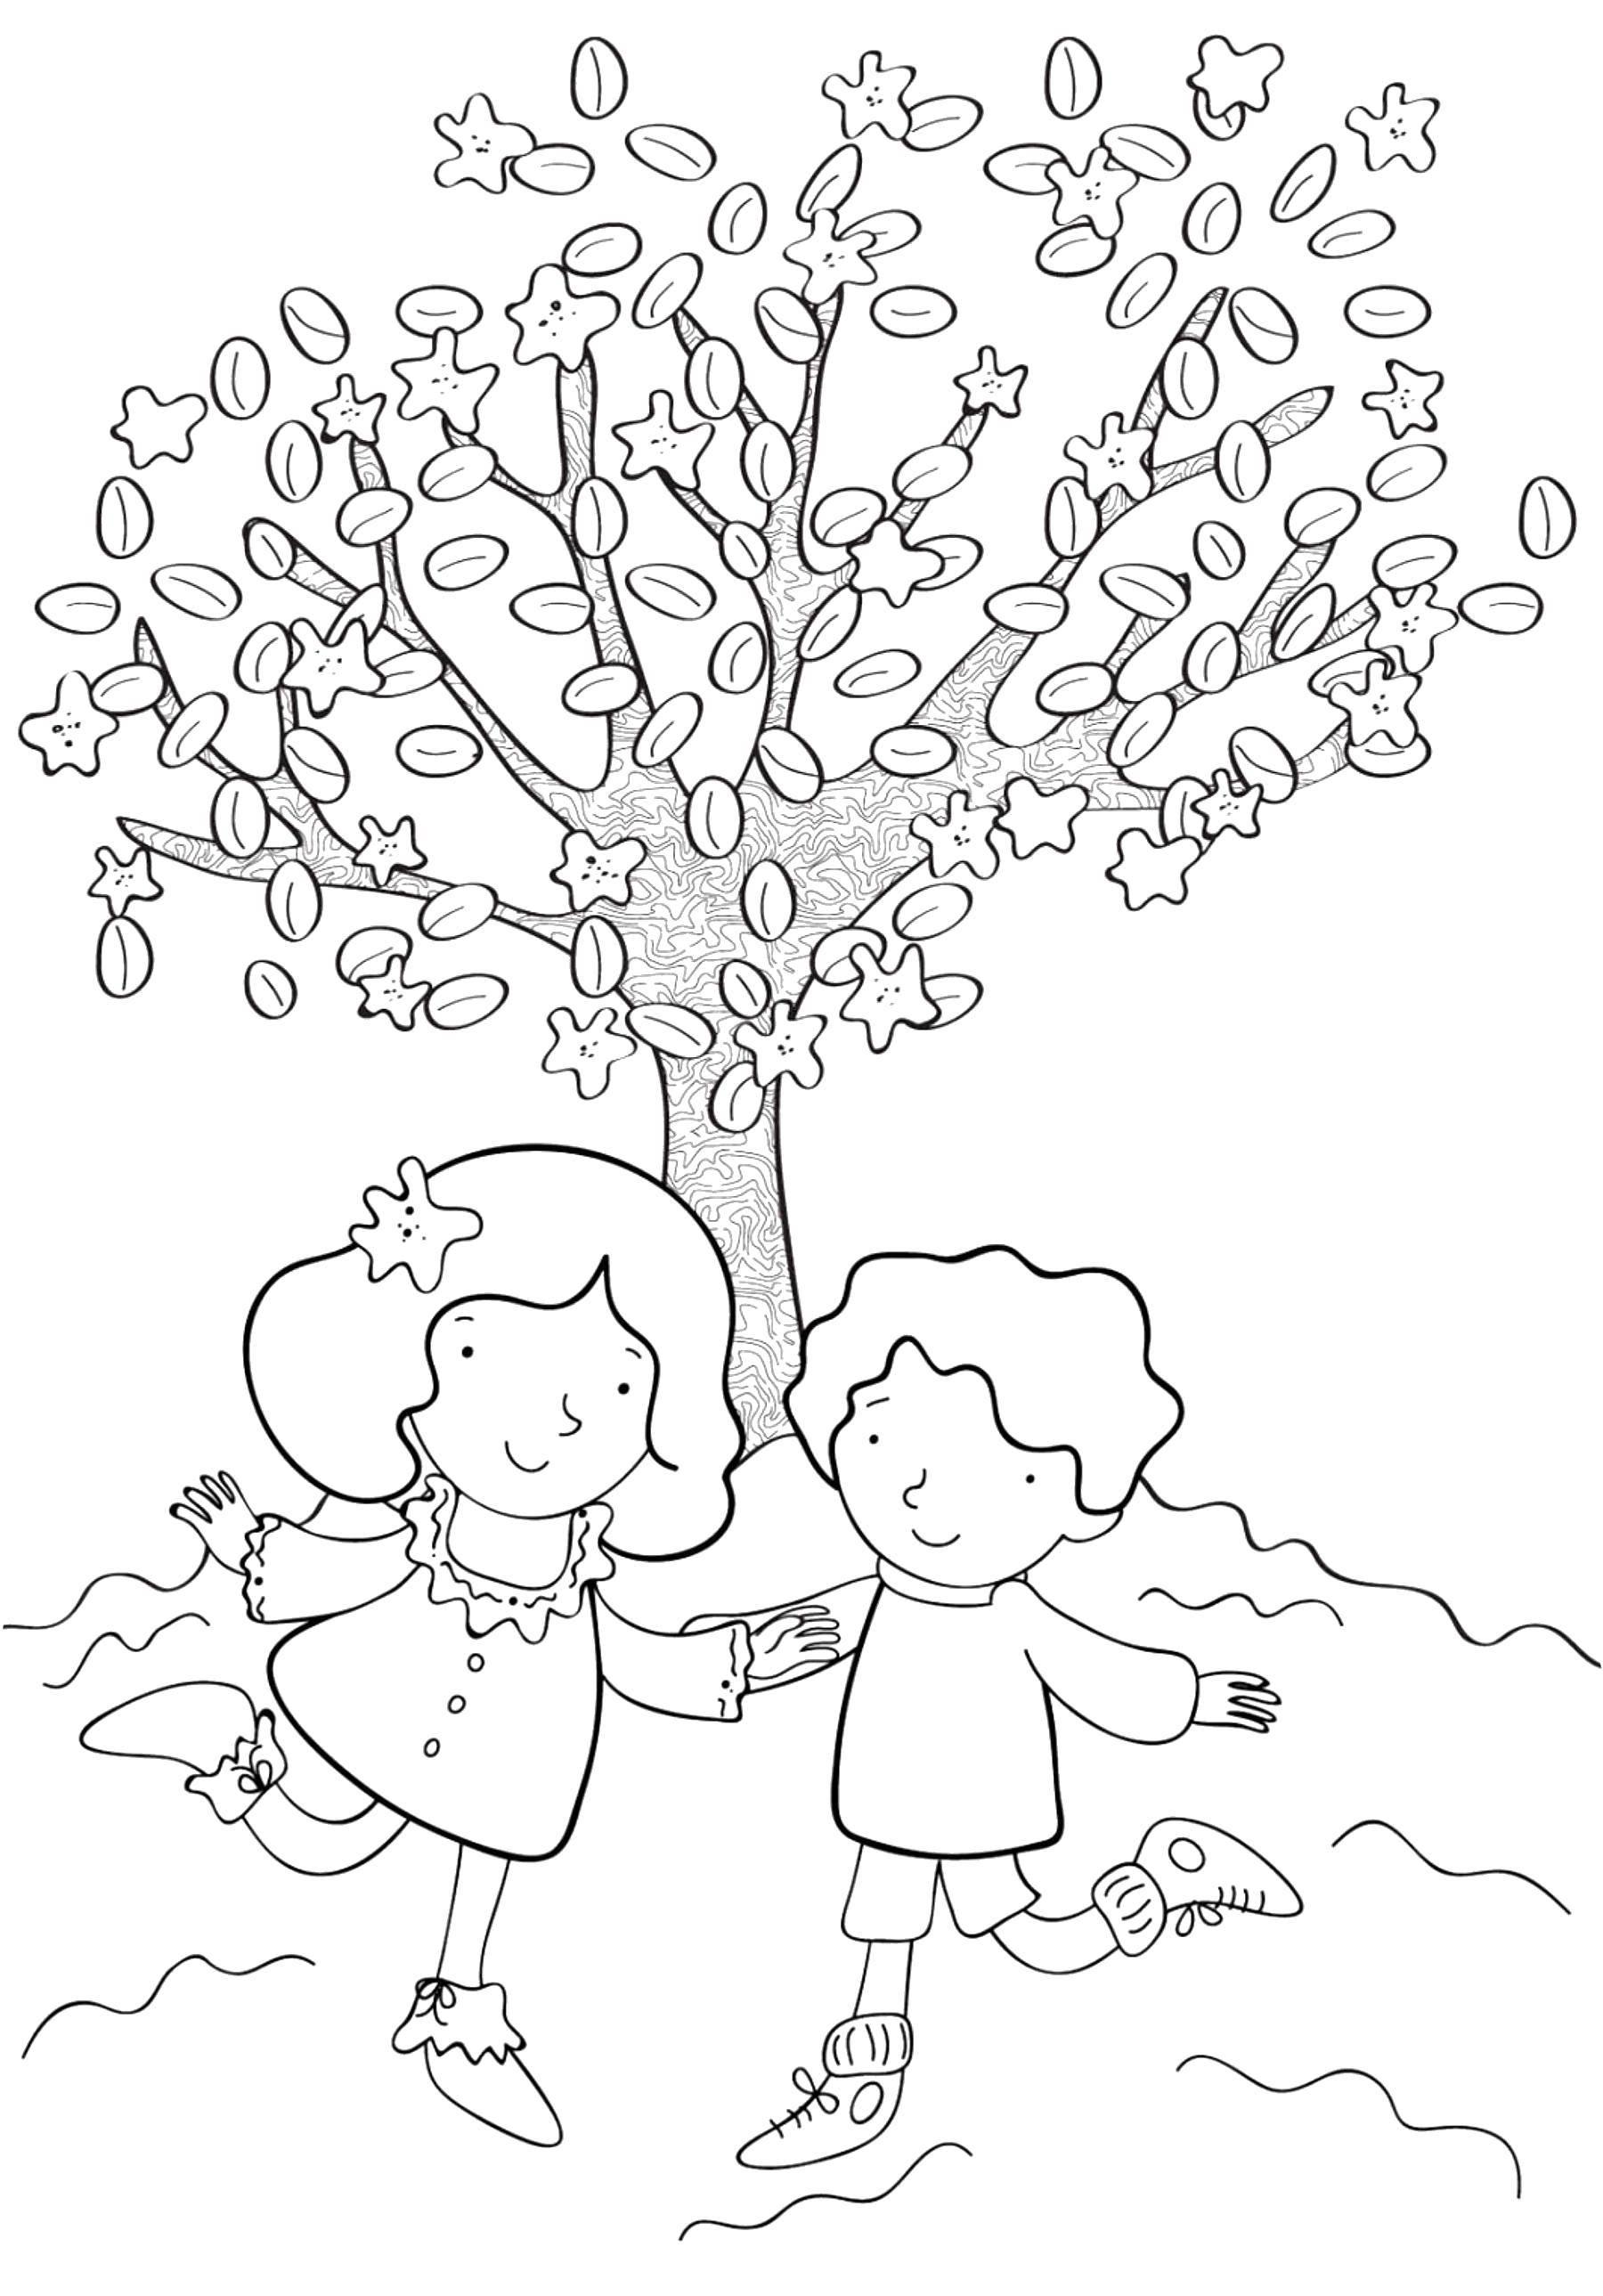 Раскраска Дети гуляют пол деревом Скачать Дети, игры, отдых, природа.  Распечатать ,отдых,